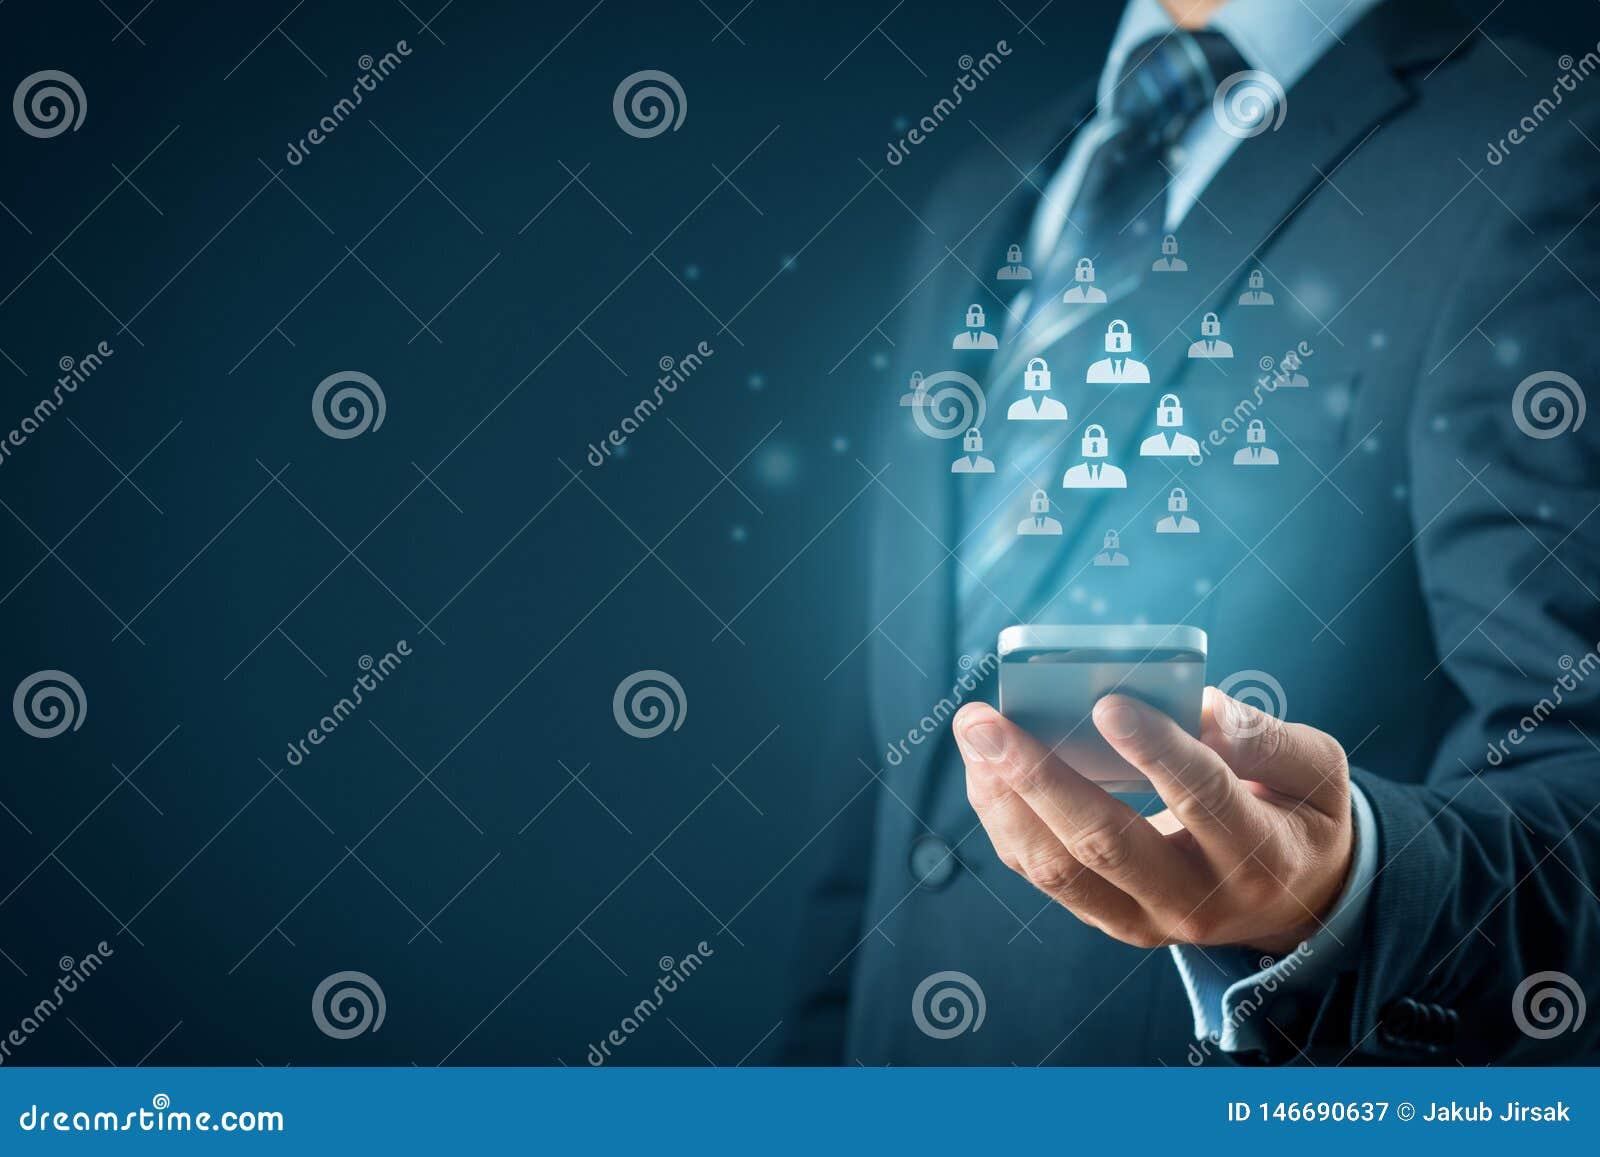 Protecci?n de datos personal y GDPR